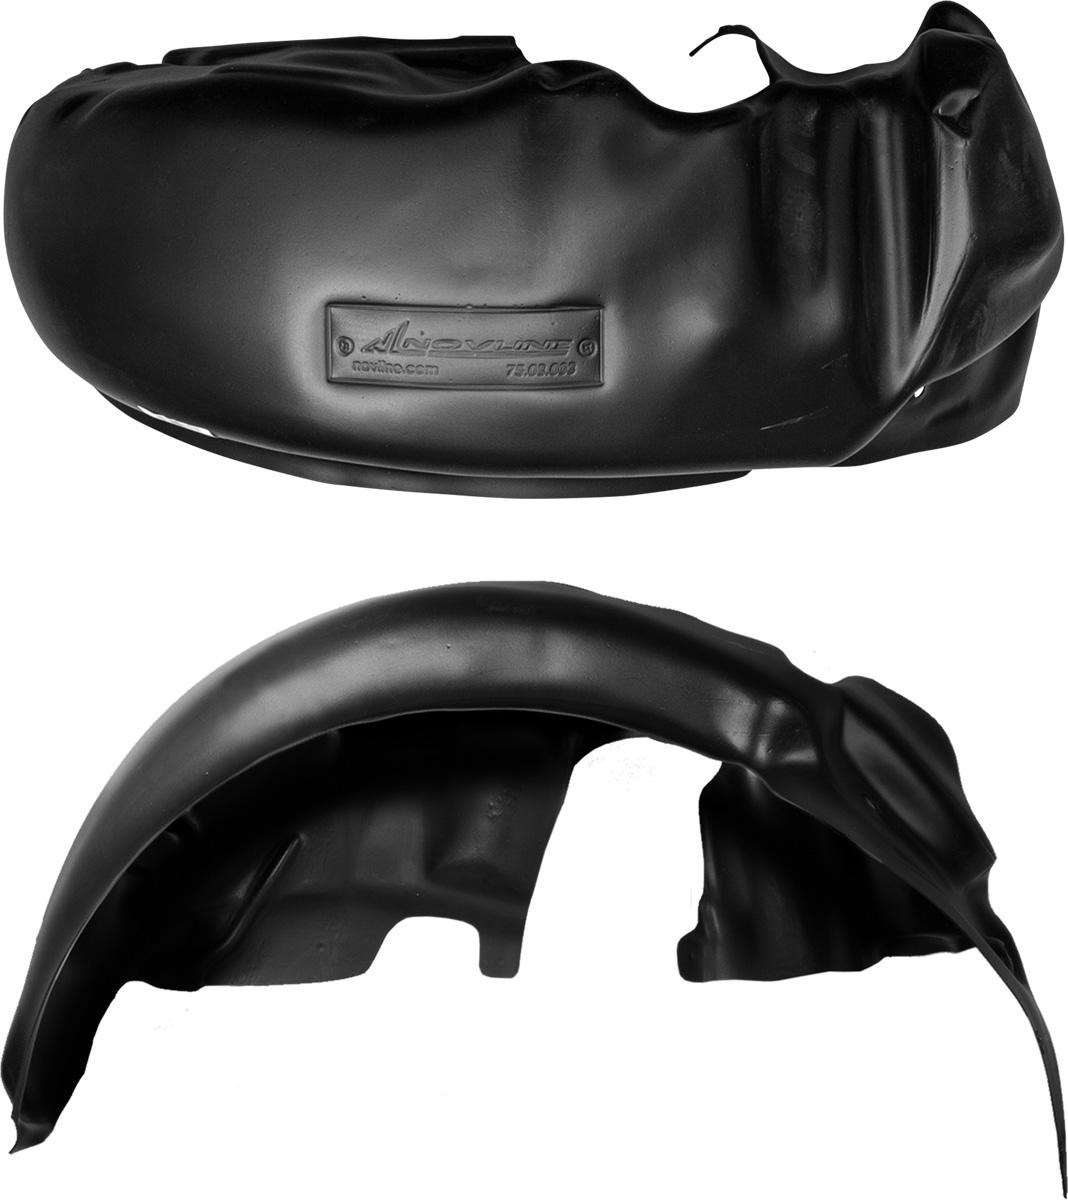 Подкрылок Novline-Autofamily, для Chevrolet Lanos, 1997-2009, седан, задний правыйNLL.08.02.004Колесные ниши - одни из самых уязвимых зон днища вашего автомобиля. Они постоянно подвергаются воздействию со стороны дороги. Лучшая, почти абсолютная защита для них - специально отформованные пластиковые кожухи, которые называются подкрылками. Производятся они как для отечественных моделей автомобилей, так и для иномарок. Подкрылки Novline-Autofamily выполнены из высококачественного, экологически чистого пластика. Обеспечивают надежную защиту кузова автомобиля от пескоструйного эффекта и негативного влияния, агрессивных антигололедных реагентов. Пластик обладает более низкой теплопроводностью, чем металл, поэтому в зимний период эксплуатации использование пластиковых подкрылков позволяет лучше защитить колесные ниши от налипания снега и образования наледи. Оригинальность конструкции подчеркивает элегантность автомобиля, бережно защищает нанесенное на днище кузова антикоррозийное покрытие и позволяет осуществить крепление подкрылков внутри колесной арки практически без дополнительного крепежа и сверления, не нарушая при этом лакокрасочного покрытия, что предотвращает возникновение новых очагов коррозии. Подкрылки долговечны, обладают высокой прочностью и сохраняют заданную форму, а также все свои физико-механические характеристики в самых тяжелых климатических условиях (от -50°С до +50°С).Уважаемые клиенты!Обращаем ваше внимание, на тот факт, что подкрылок имеет форму, соответствующую модели данного автомобиля. Фото служит для визуального восприятия товара.